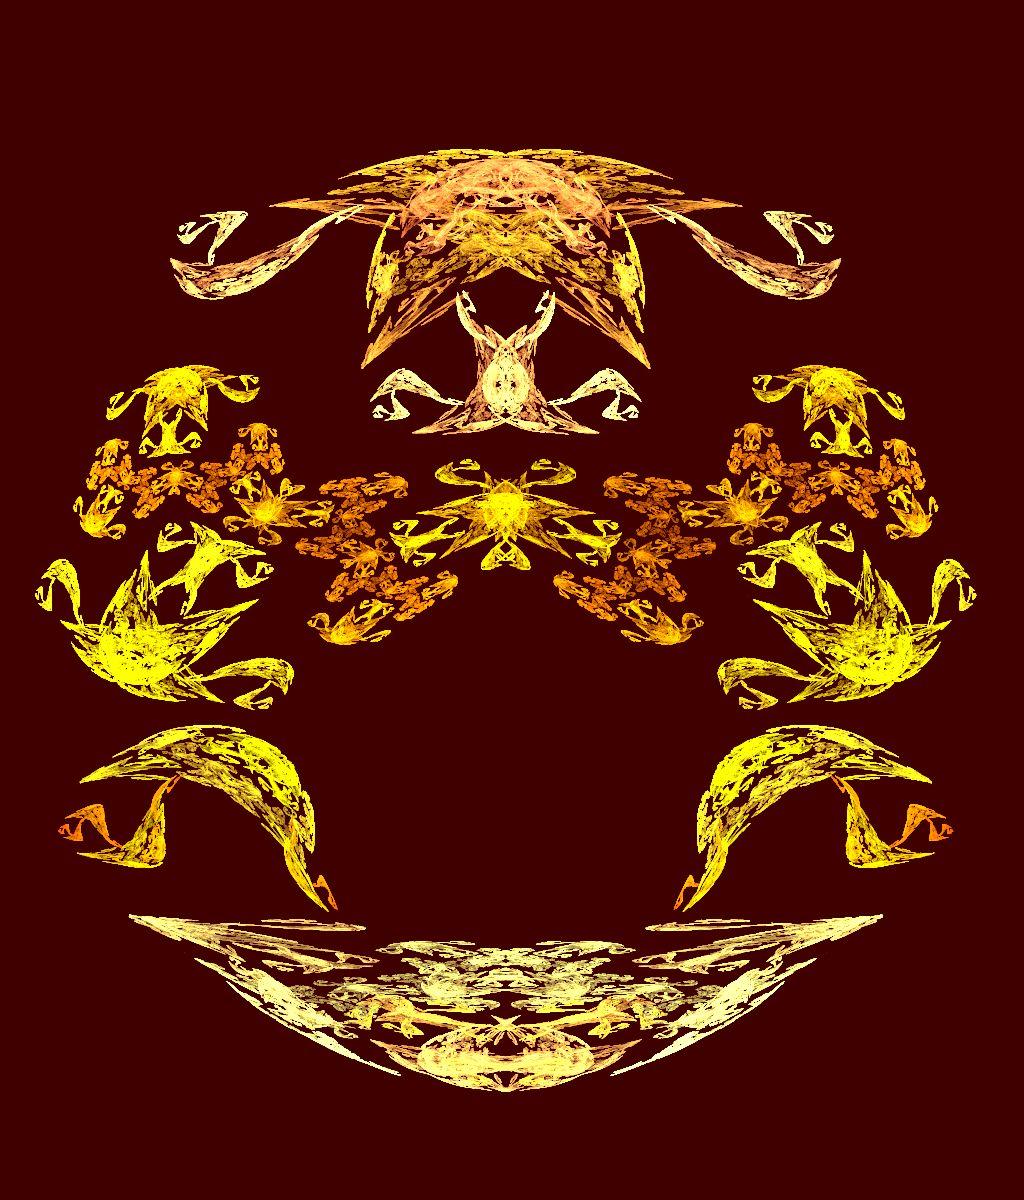 Abstract Orderism Fractal V by GStolyarovII